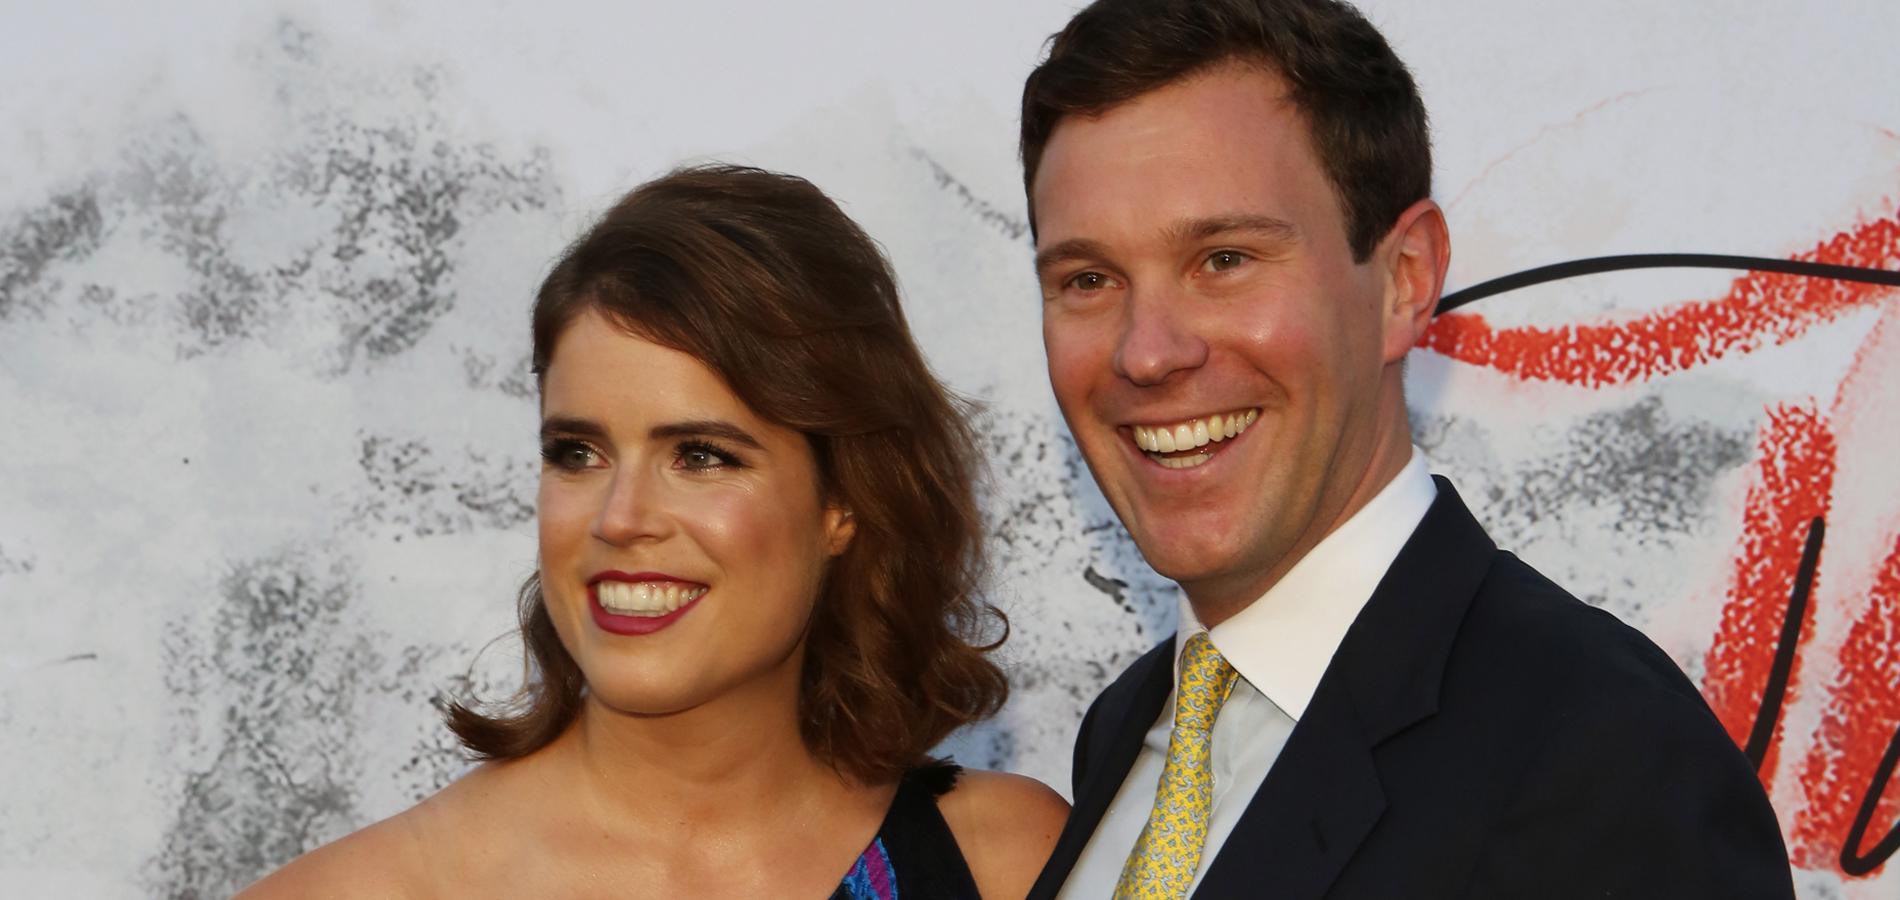 Jack Brooksbank, le fiancé pas si ordinaire de la princesse Eugenie